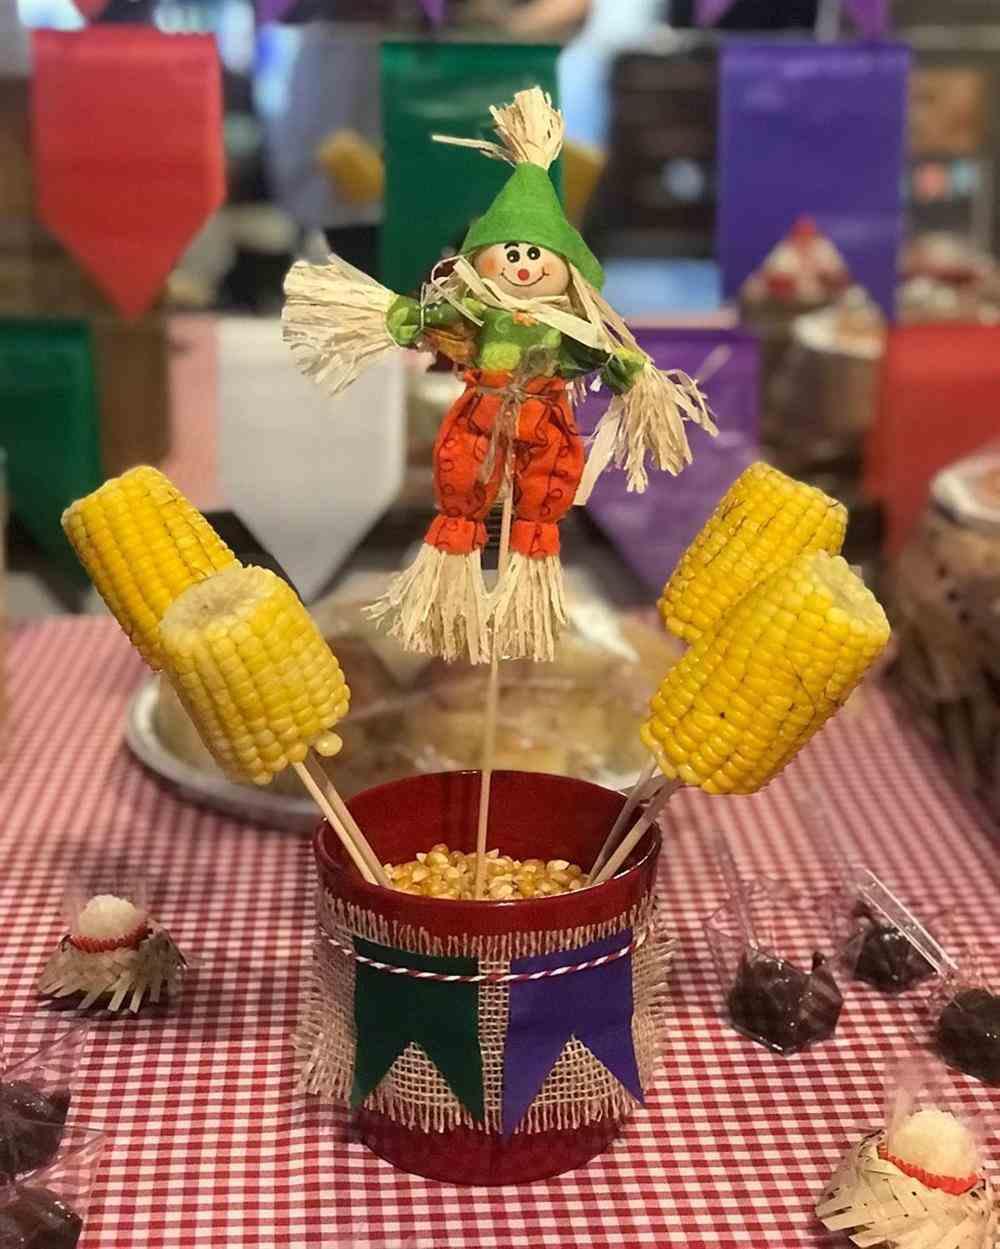 centro de mesa com espantalho e milho